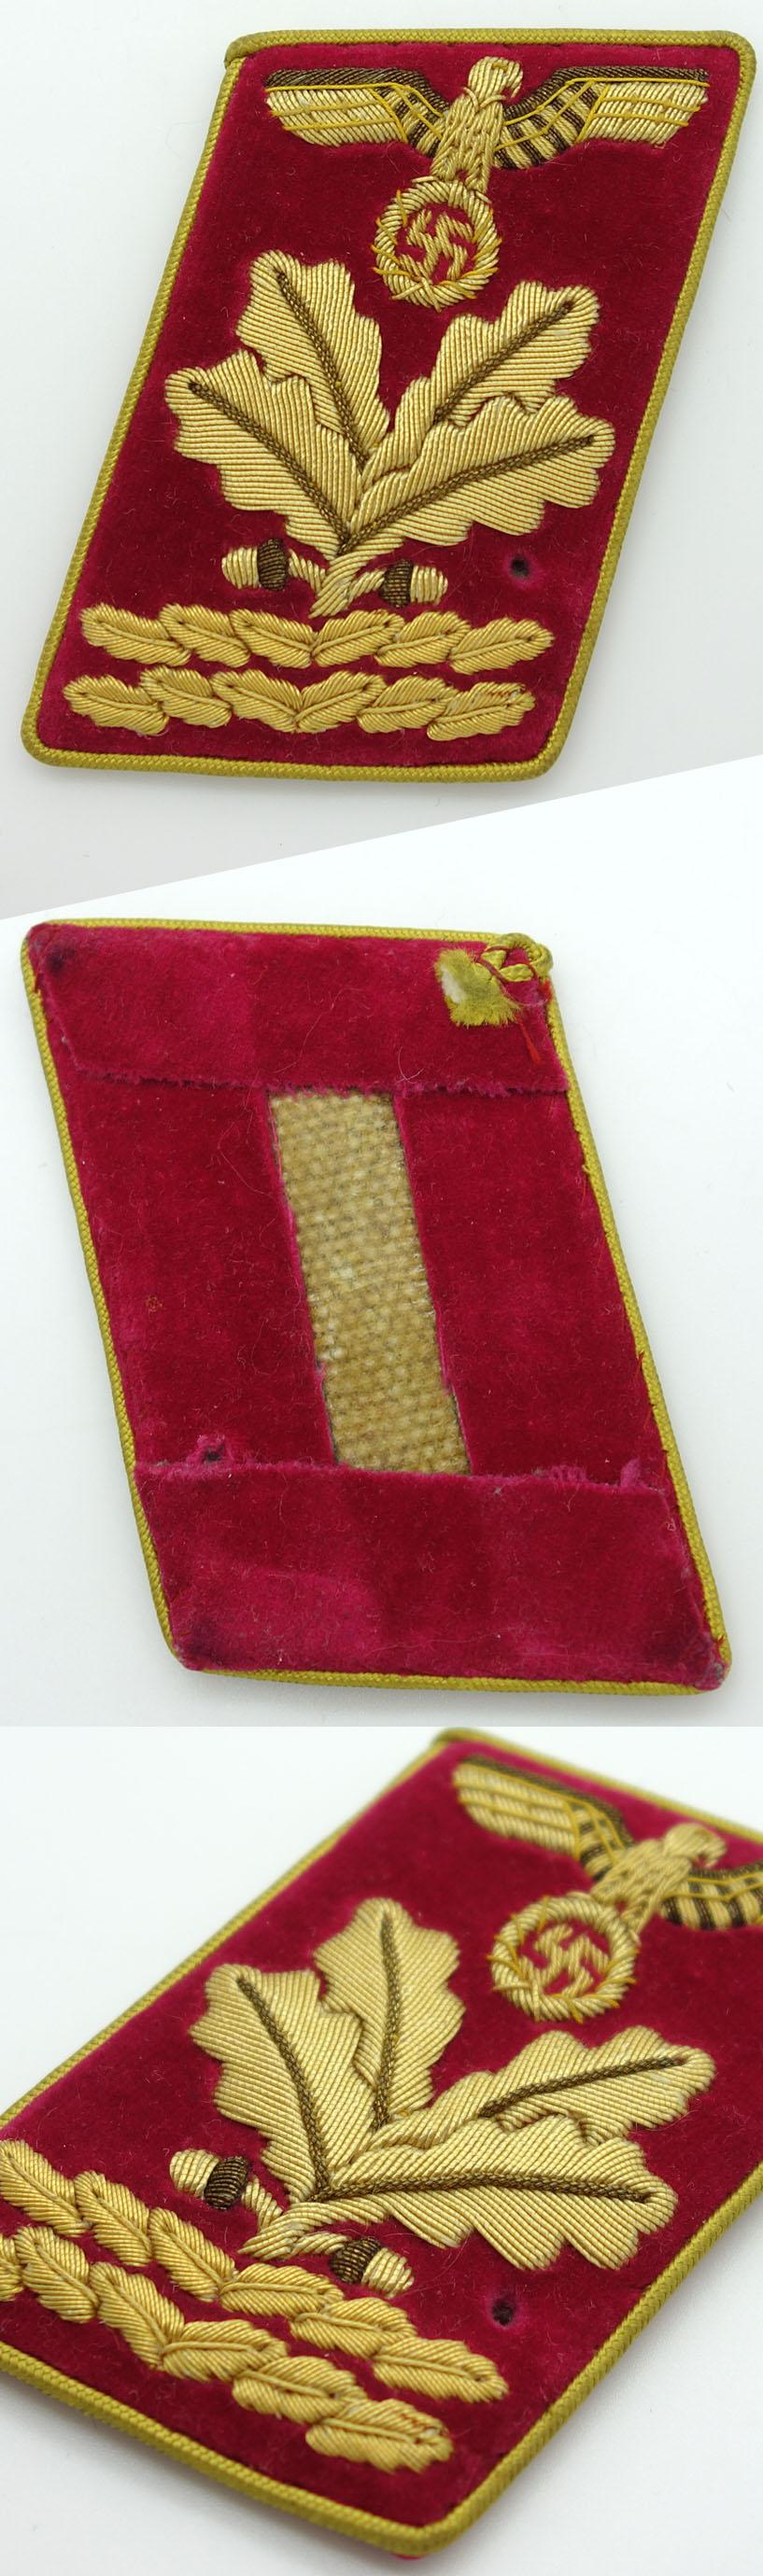 NSDAP Reich level Hauptbefehlsleiter Collar Tab